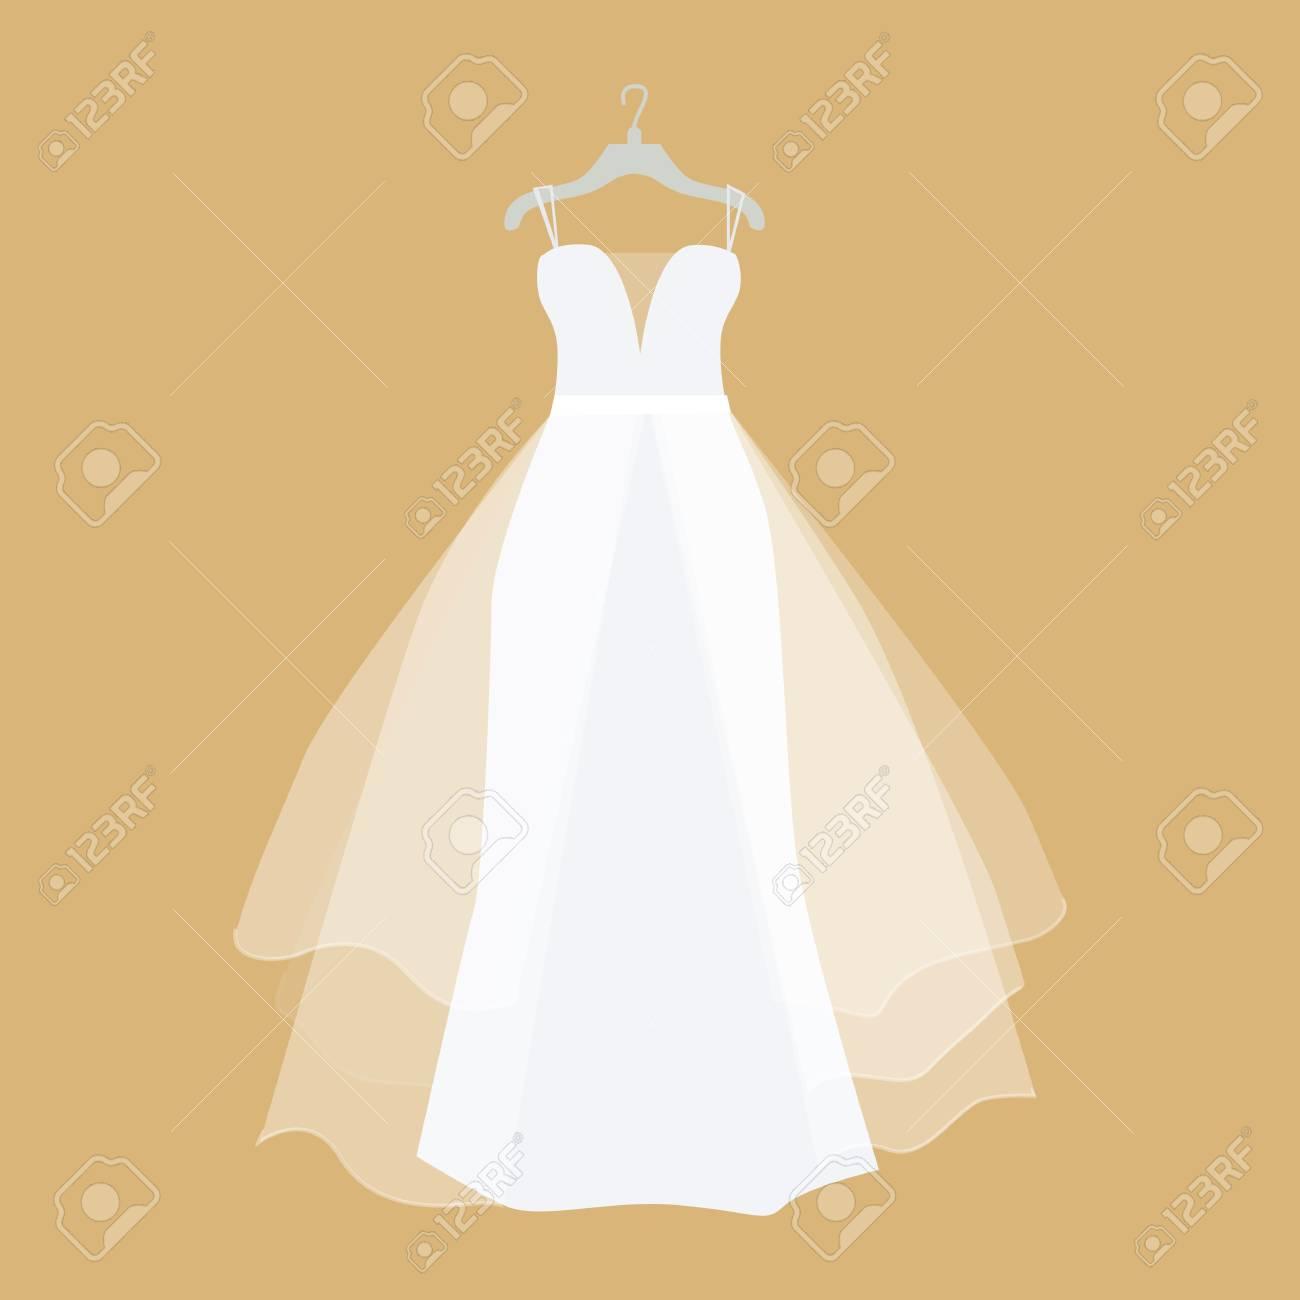 Wedding Dress Vector. Flat Design. Elegant White Dress For Bride ...